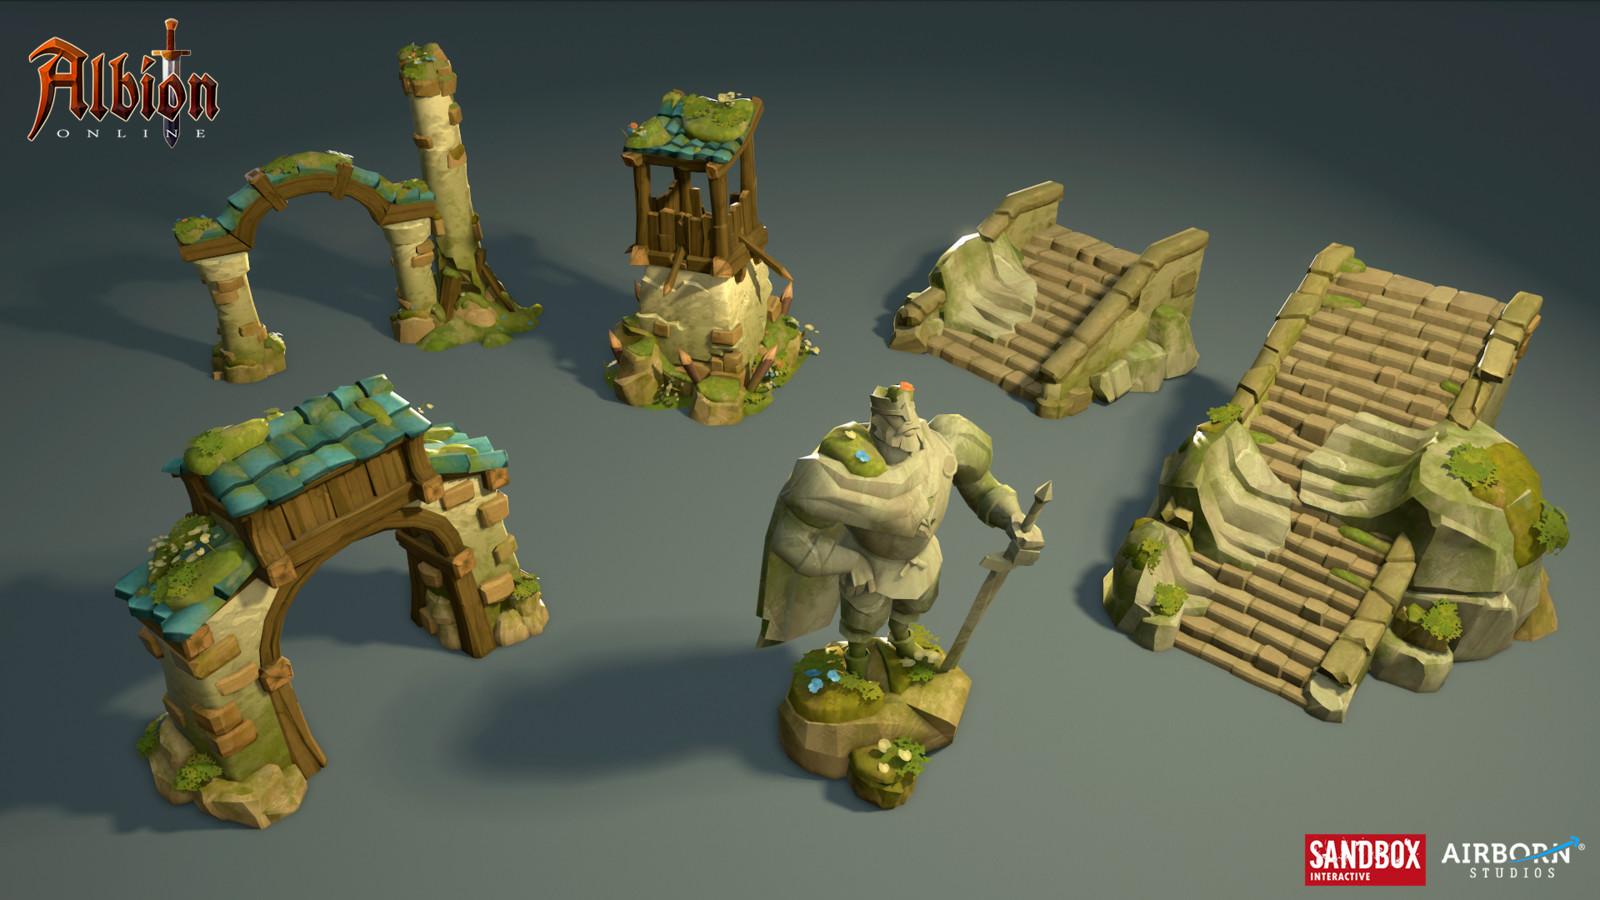 Highland ruins by David Fraaß, Aljona Bulgar, Alexandra Graap & Jonas Kunert